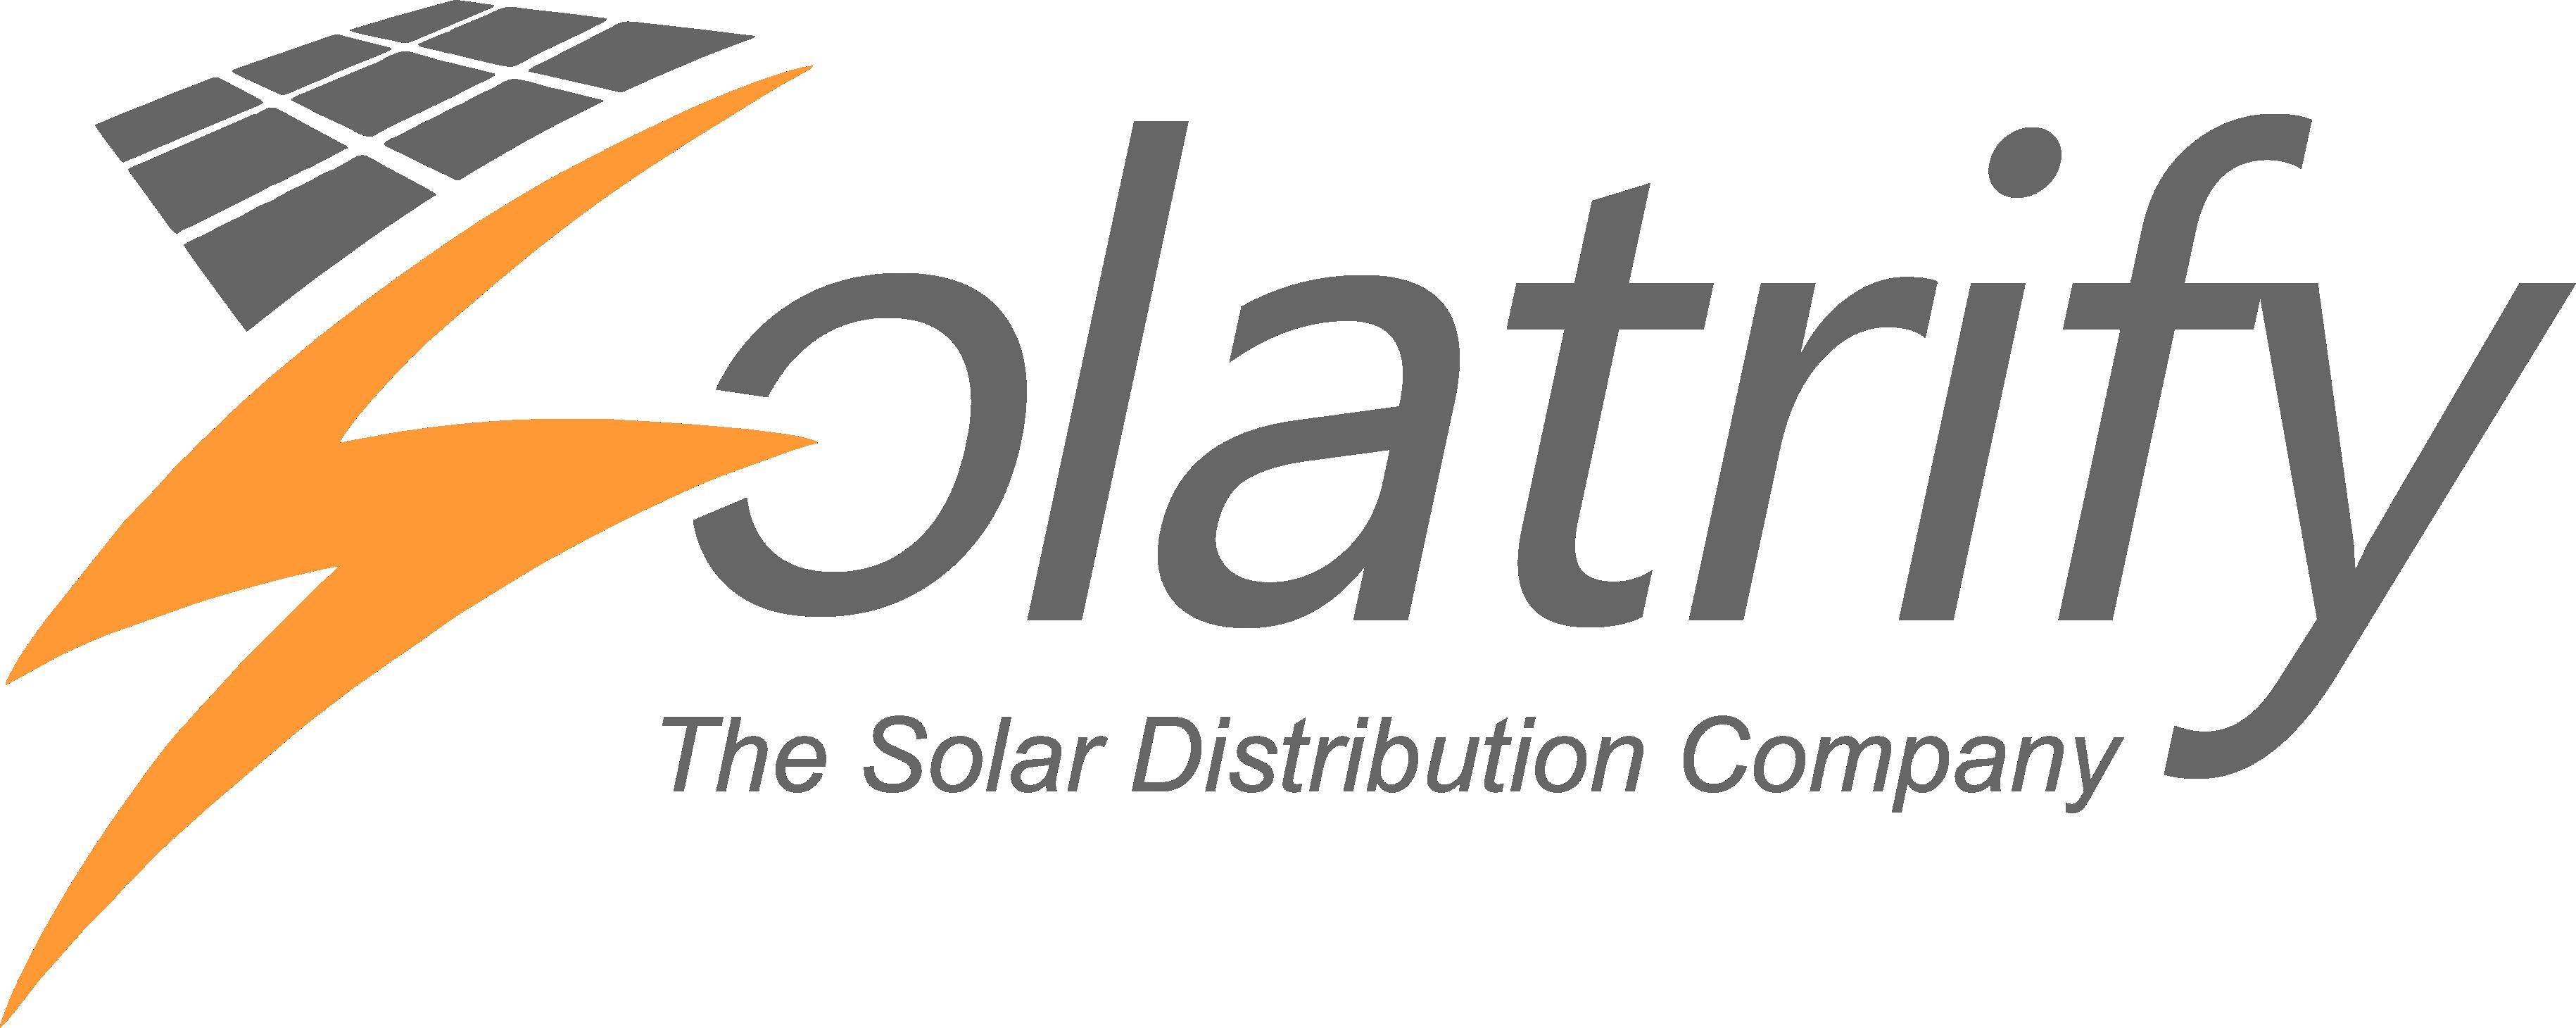 https://www.solatrify.com/images/logo-wide.png